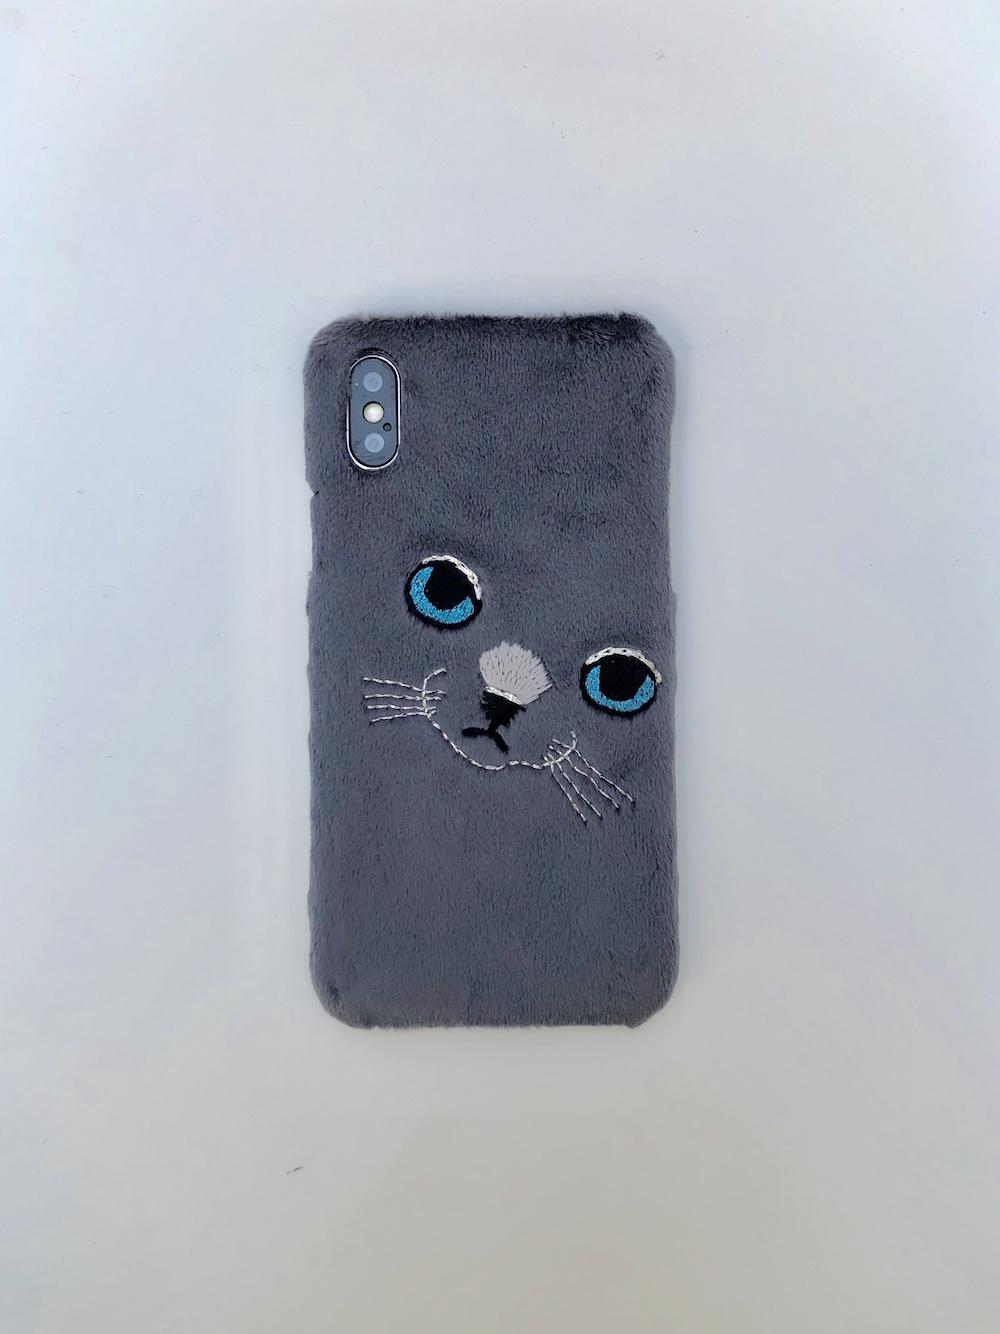 【iPhoneX専用】ビッグフェイスネコケース【グレー】